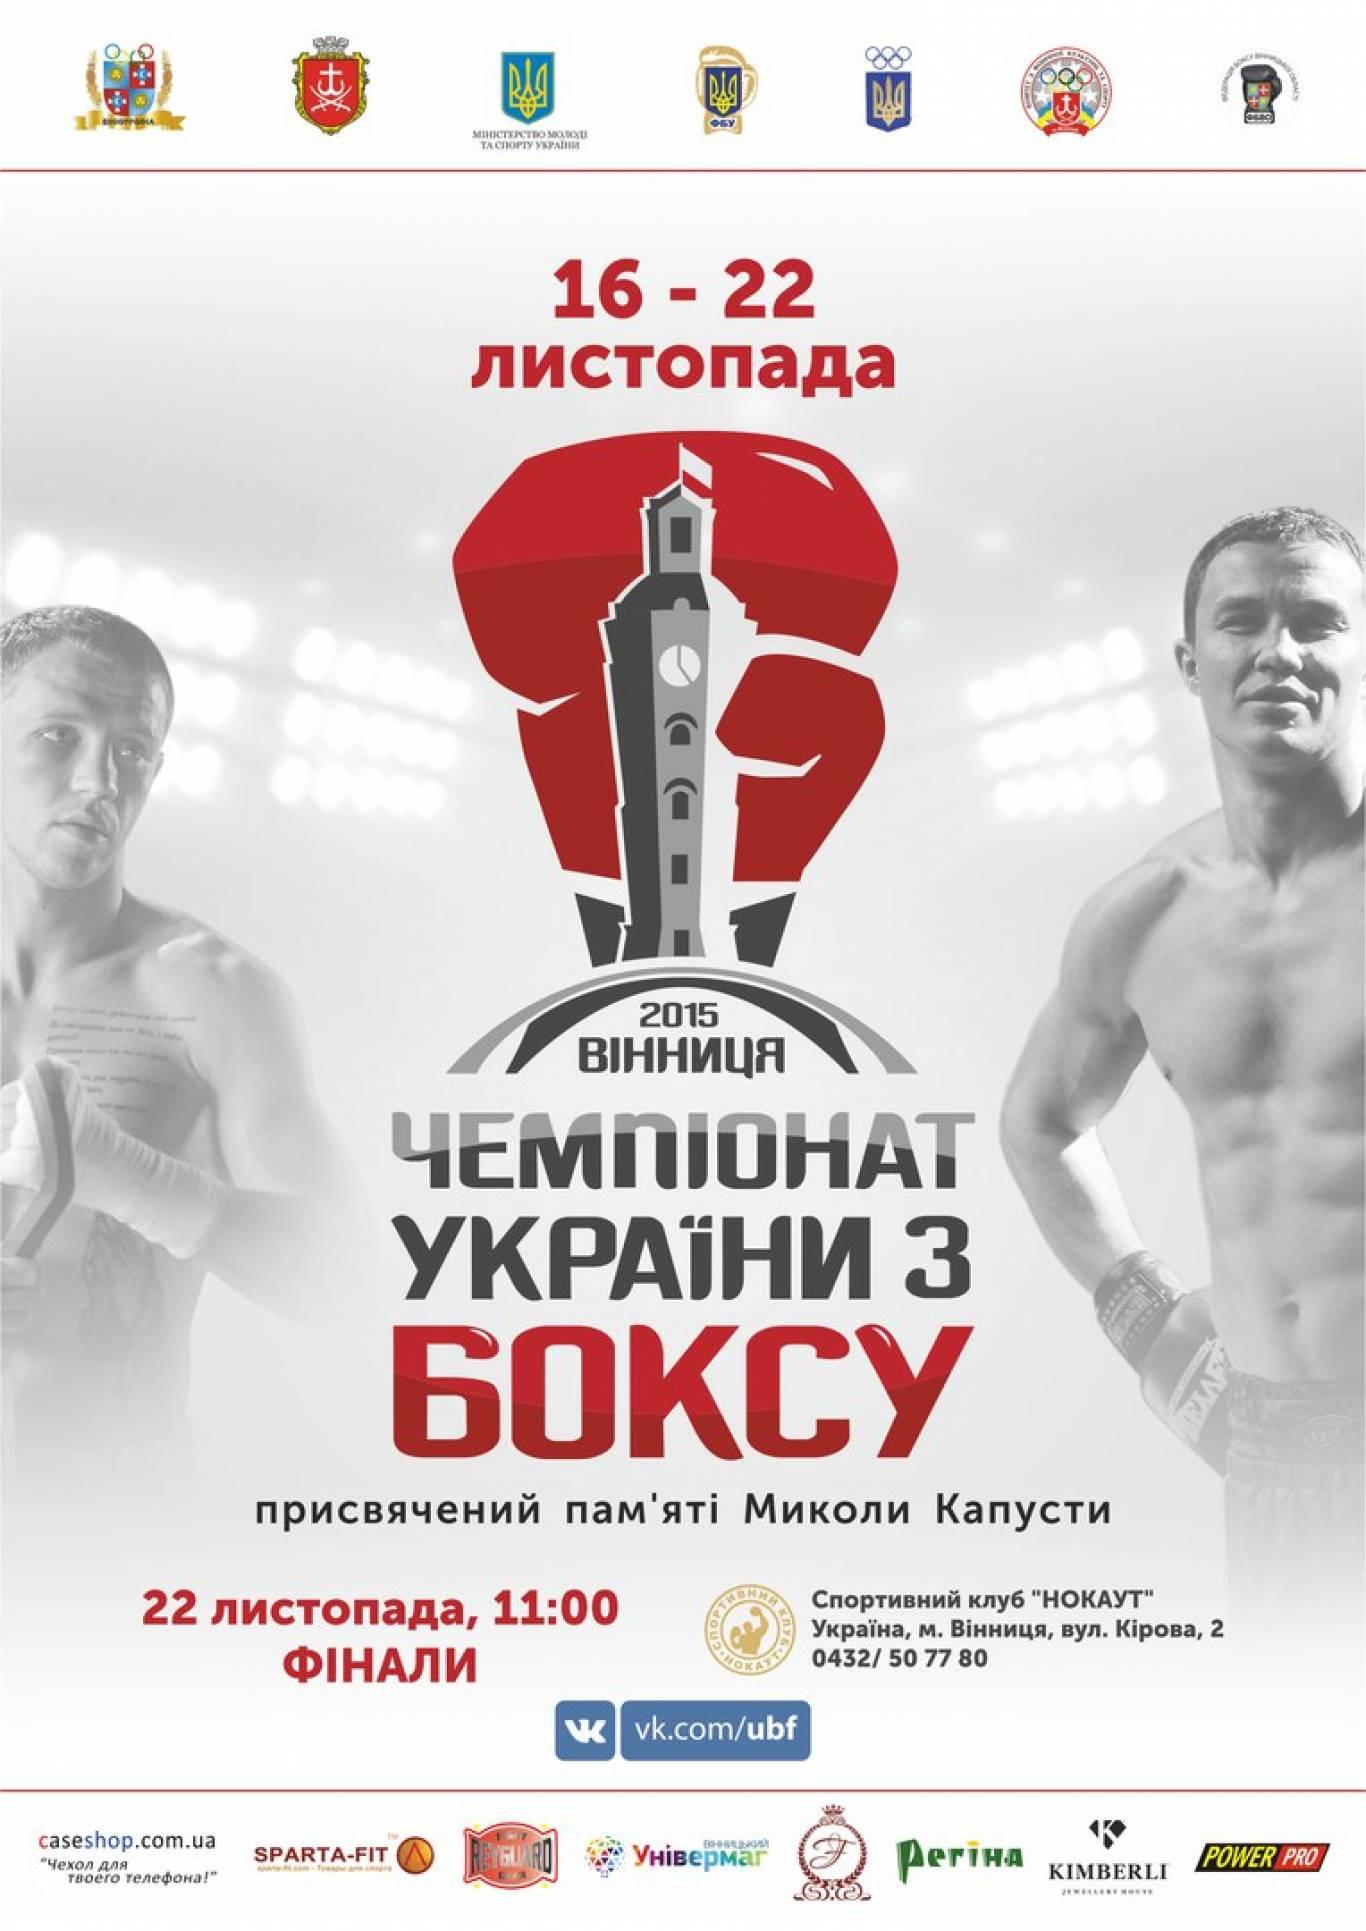 Чемпіонат України з боксу 2015